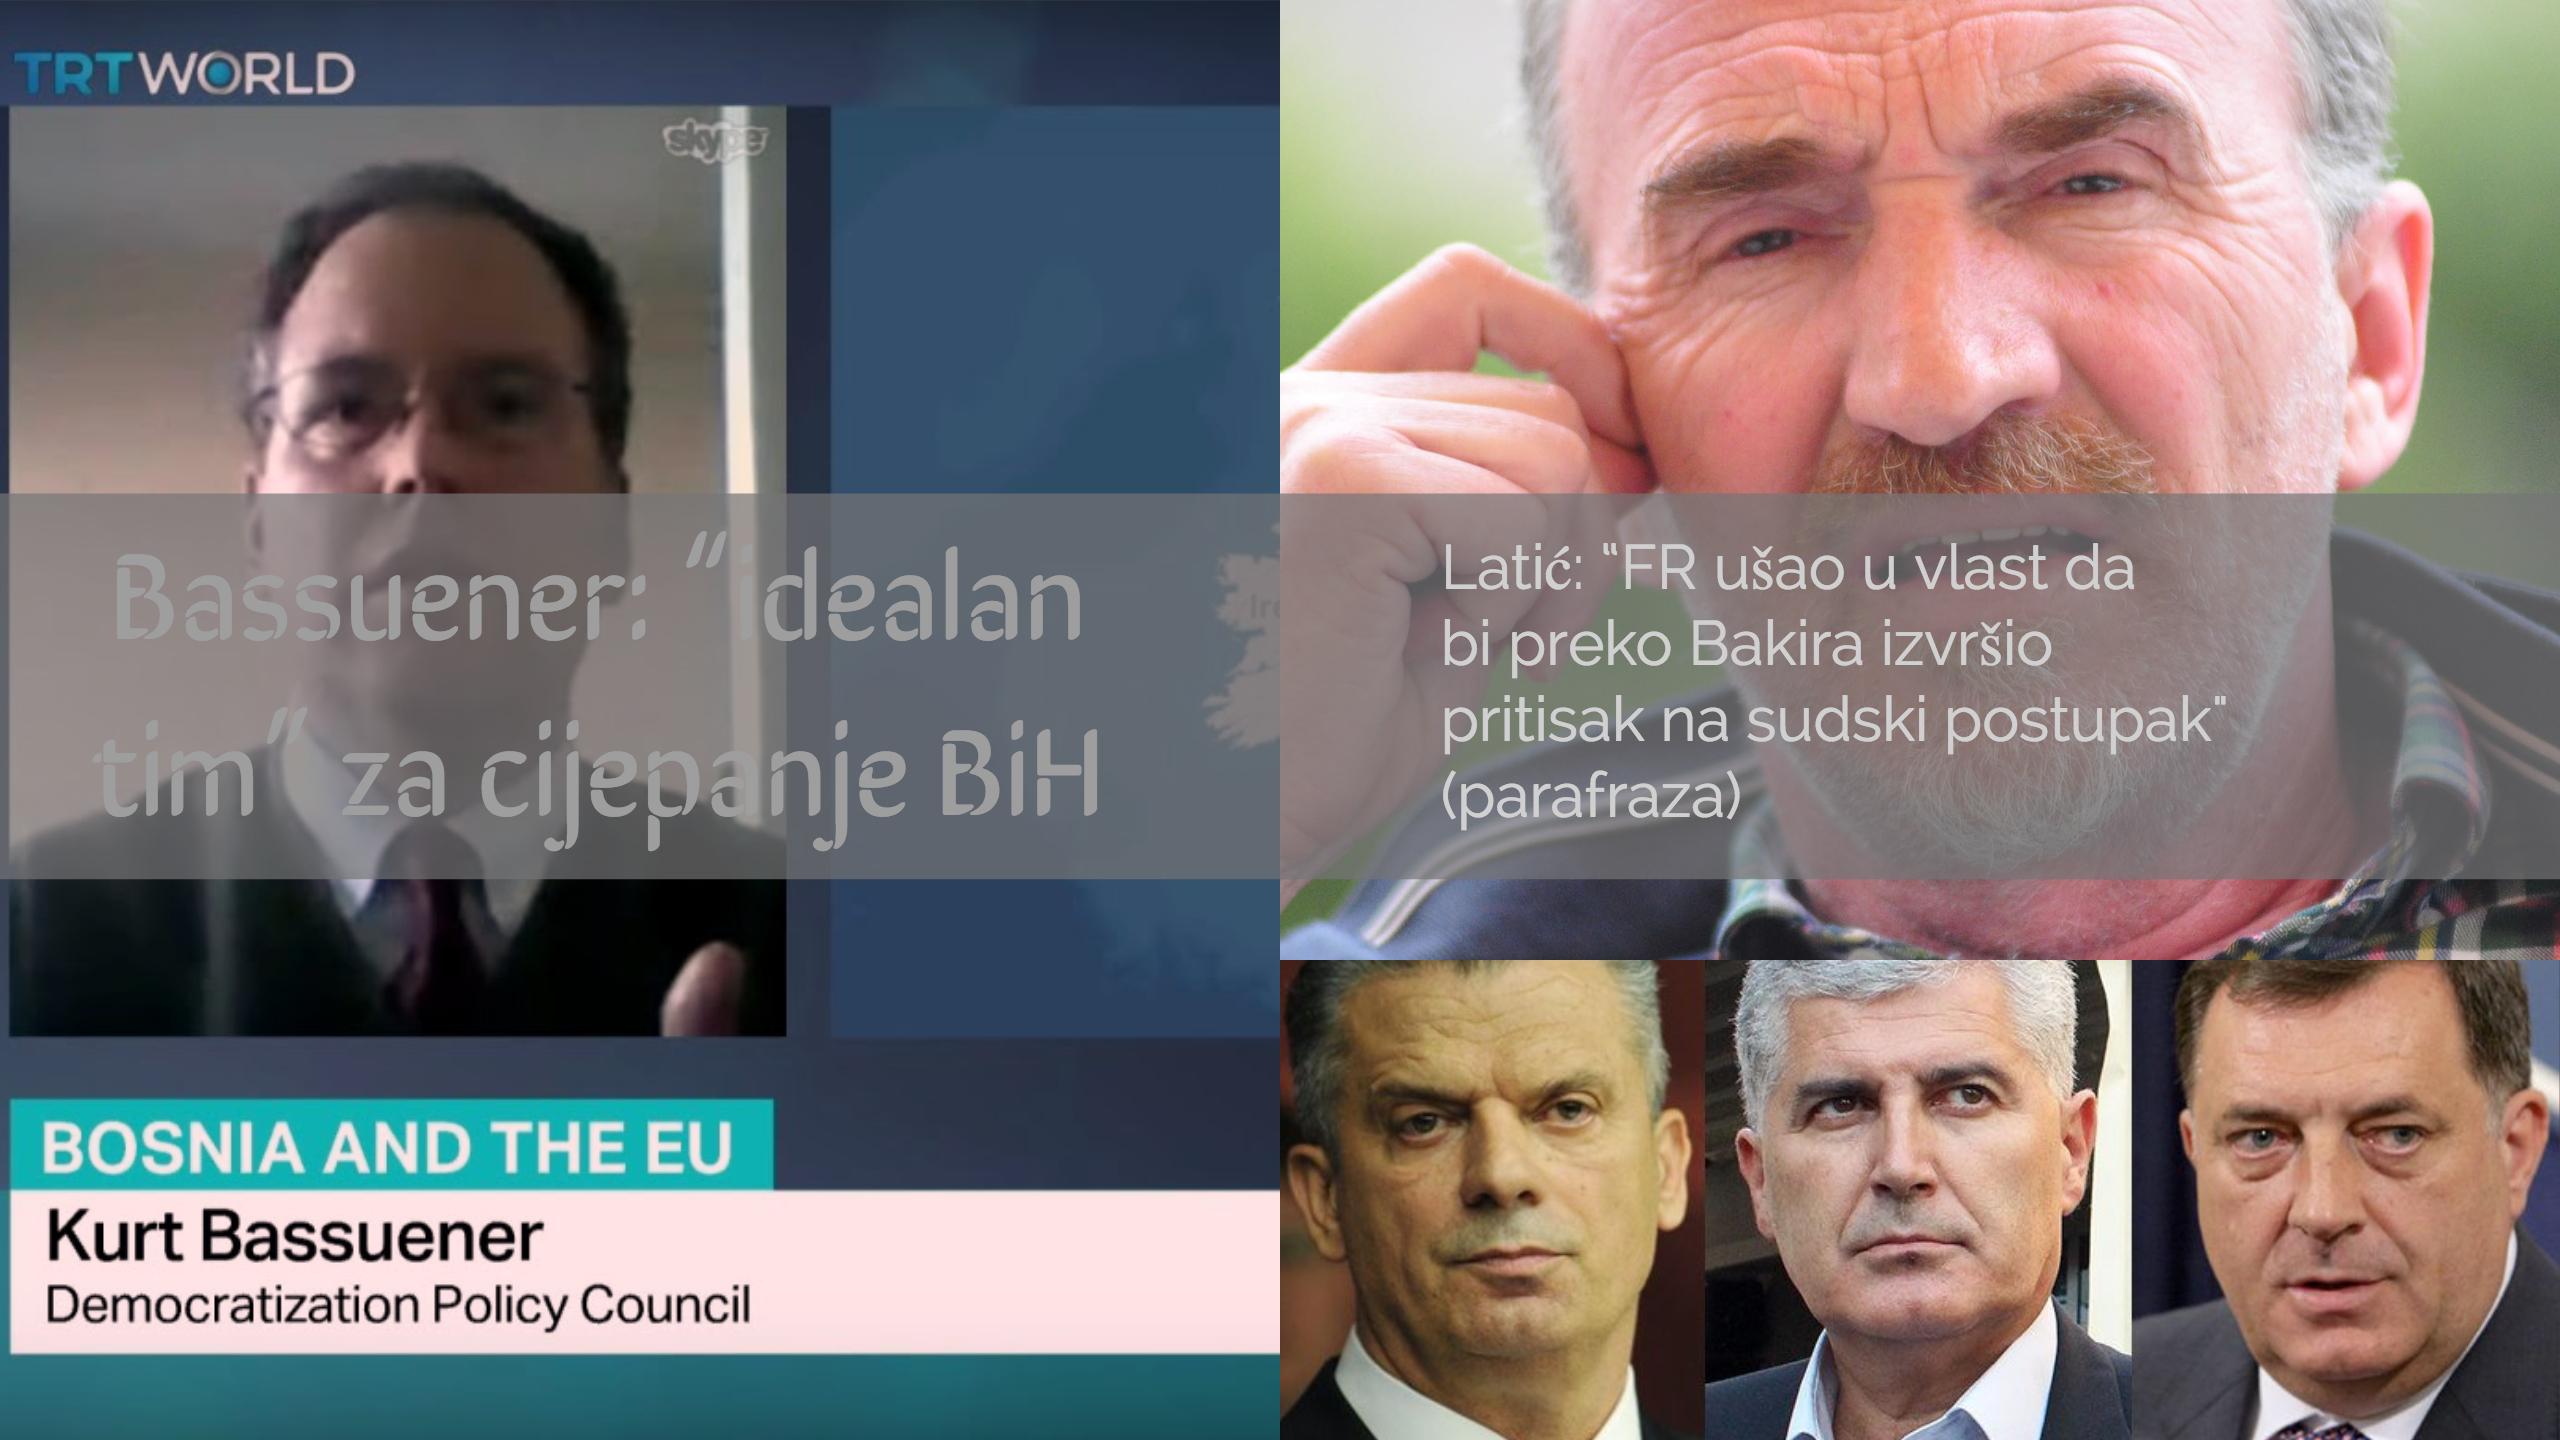 Biti il' ne biti: Panika u SBB-FR, nakon izjava Latića i Bassuenera o FR-u